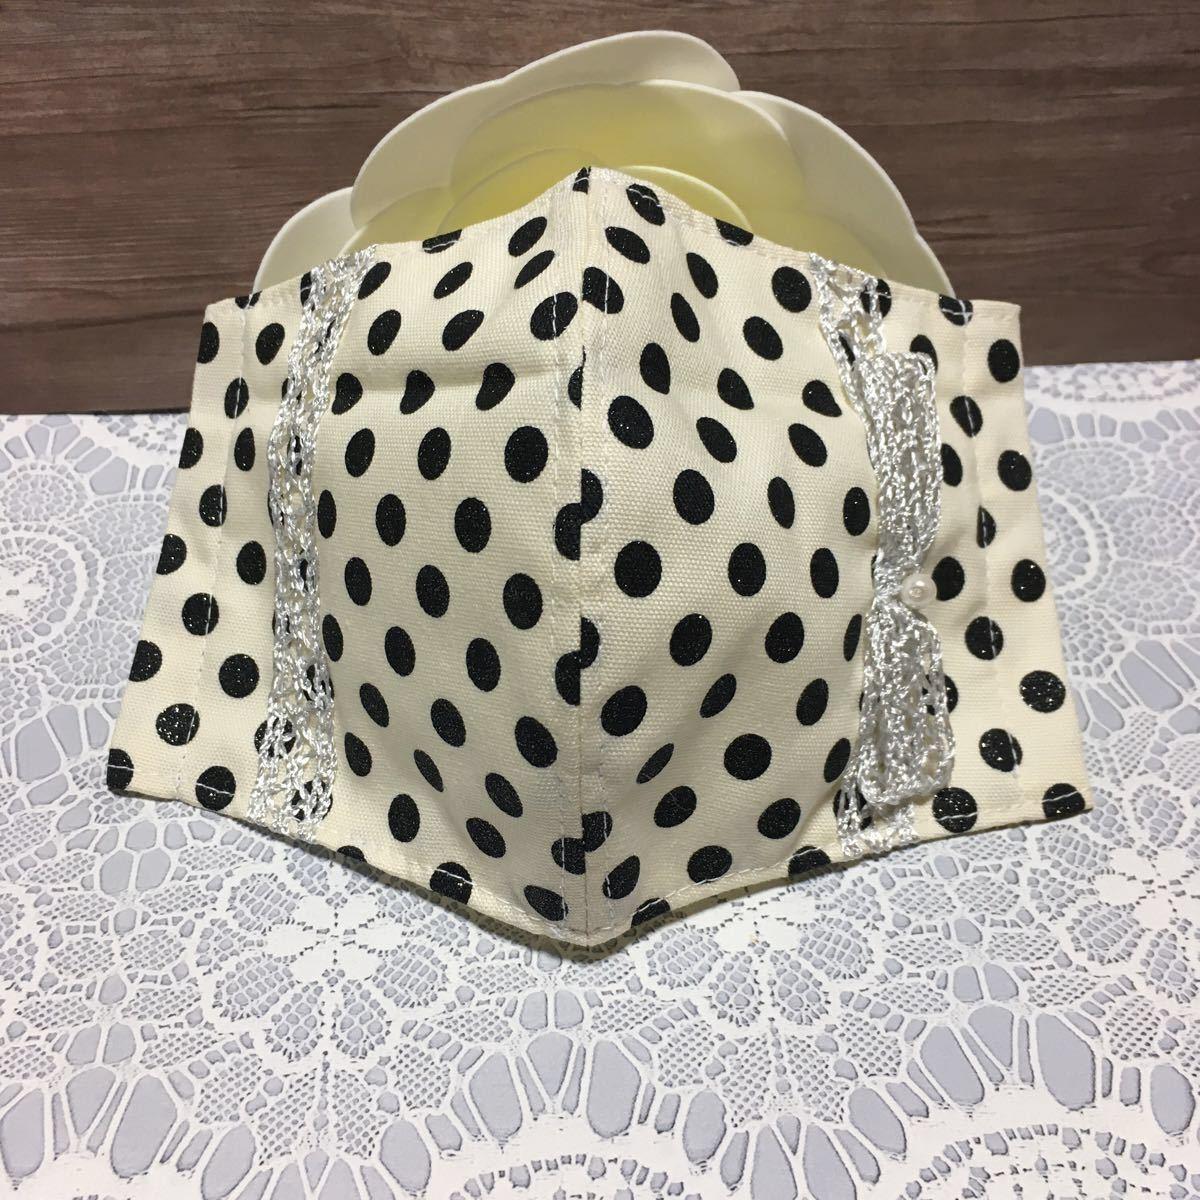 ハンドメイド 2枚 ドット イベント ファッションタイプ 仮装 コスプレ 立体インナー